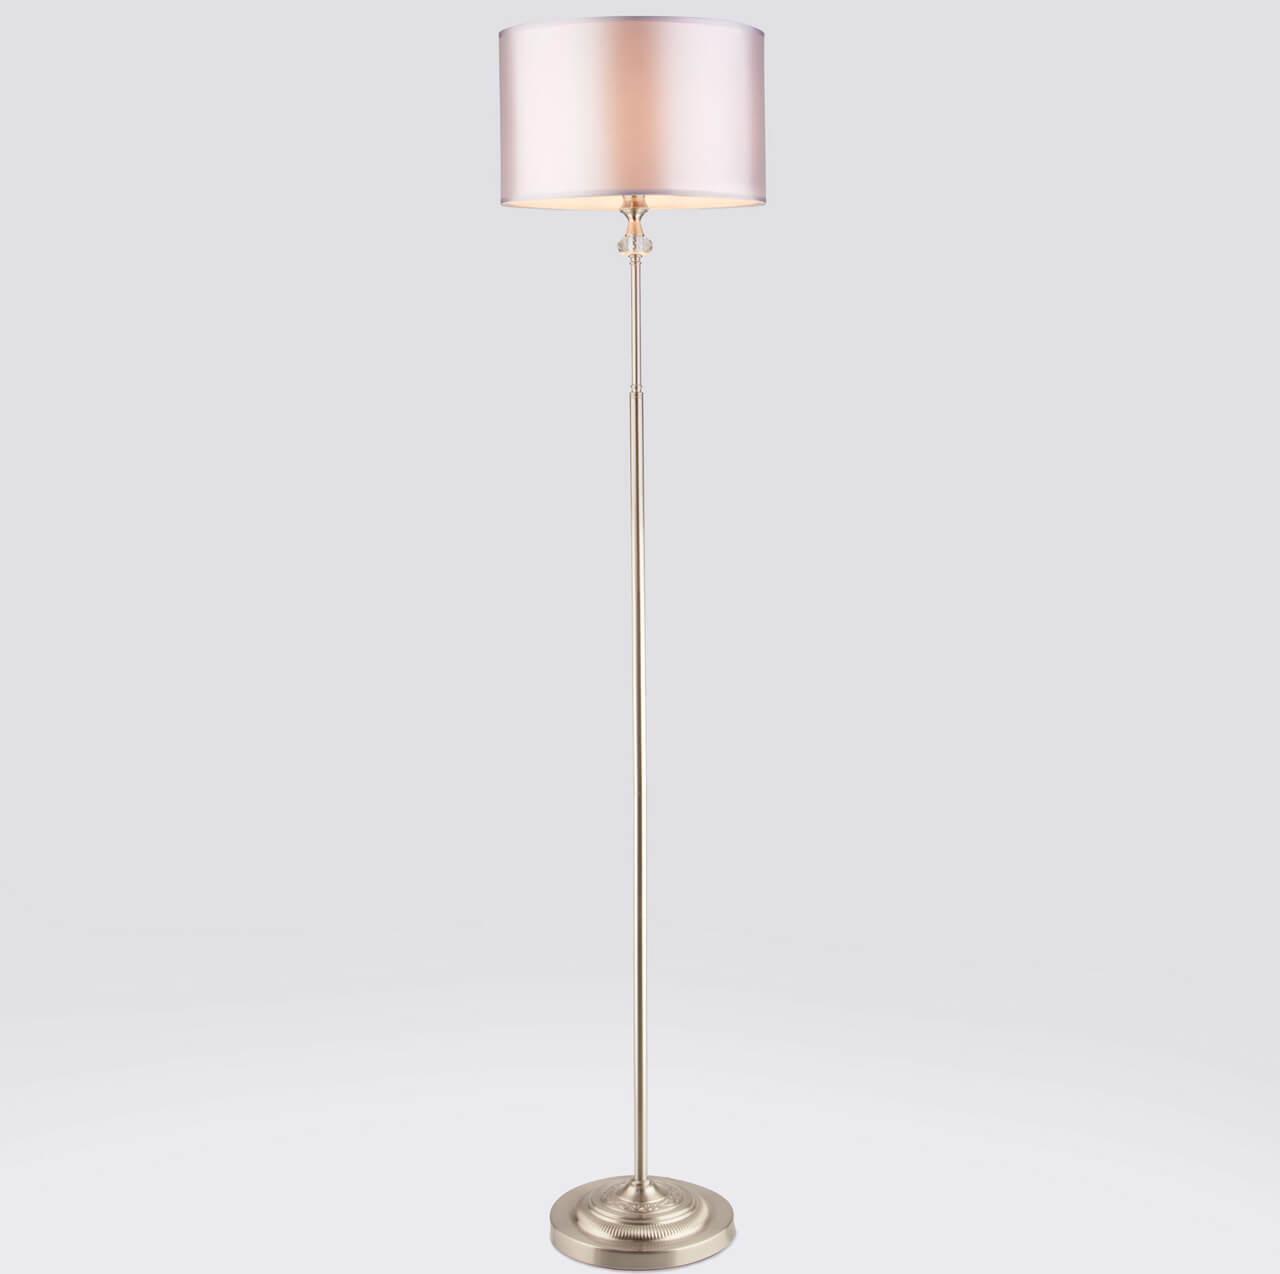 Напольный светильник EUROSVET 01050/1 сатин-никель, E14, 40 Вт торшер eurosvet 01050 1 сатин никель